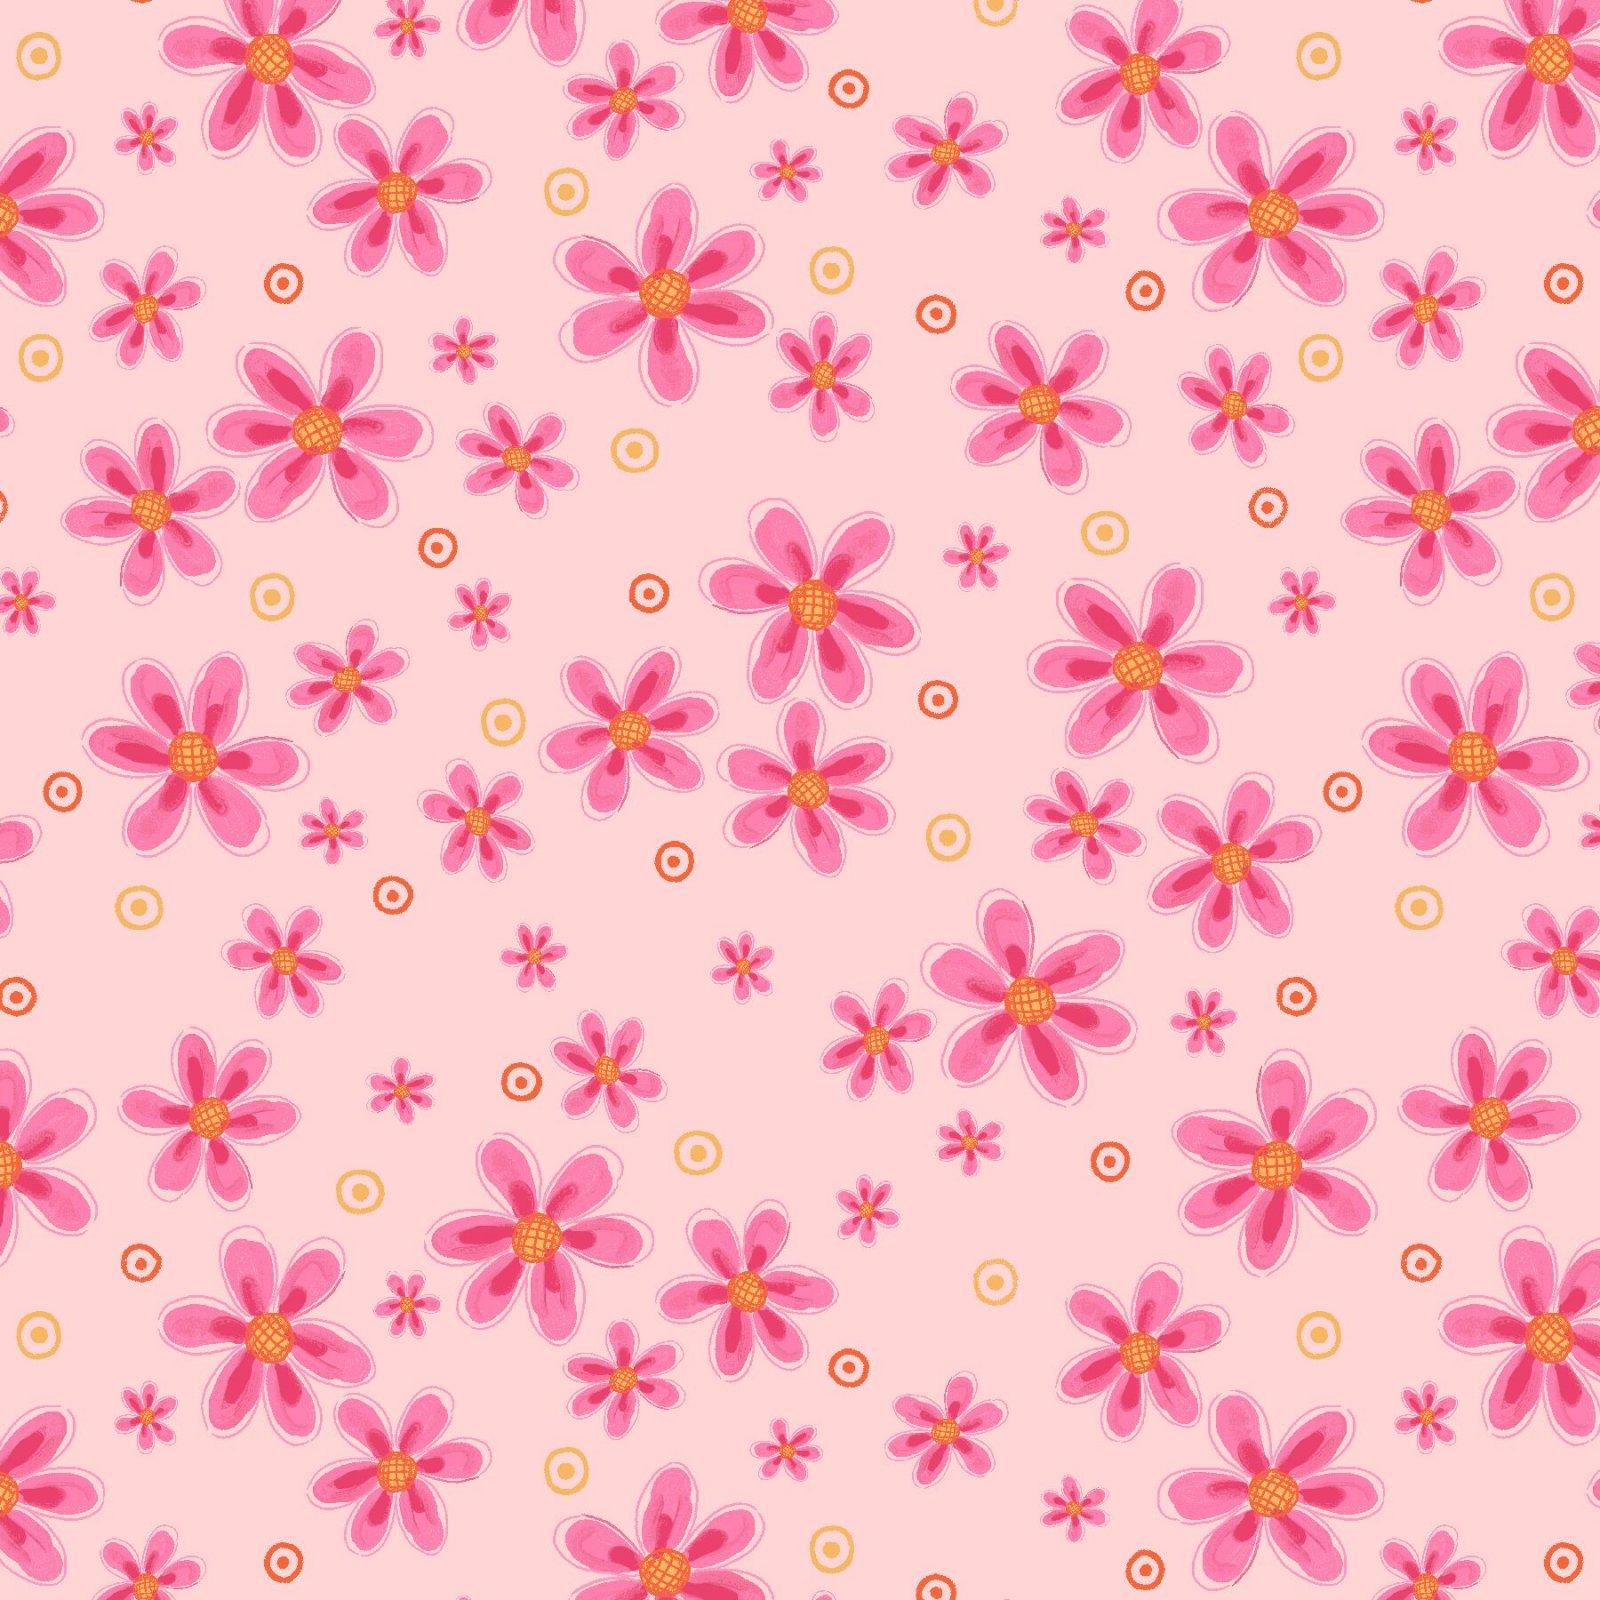 HG-Easter Fun 2571-22 Pink - Small Flower Toss